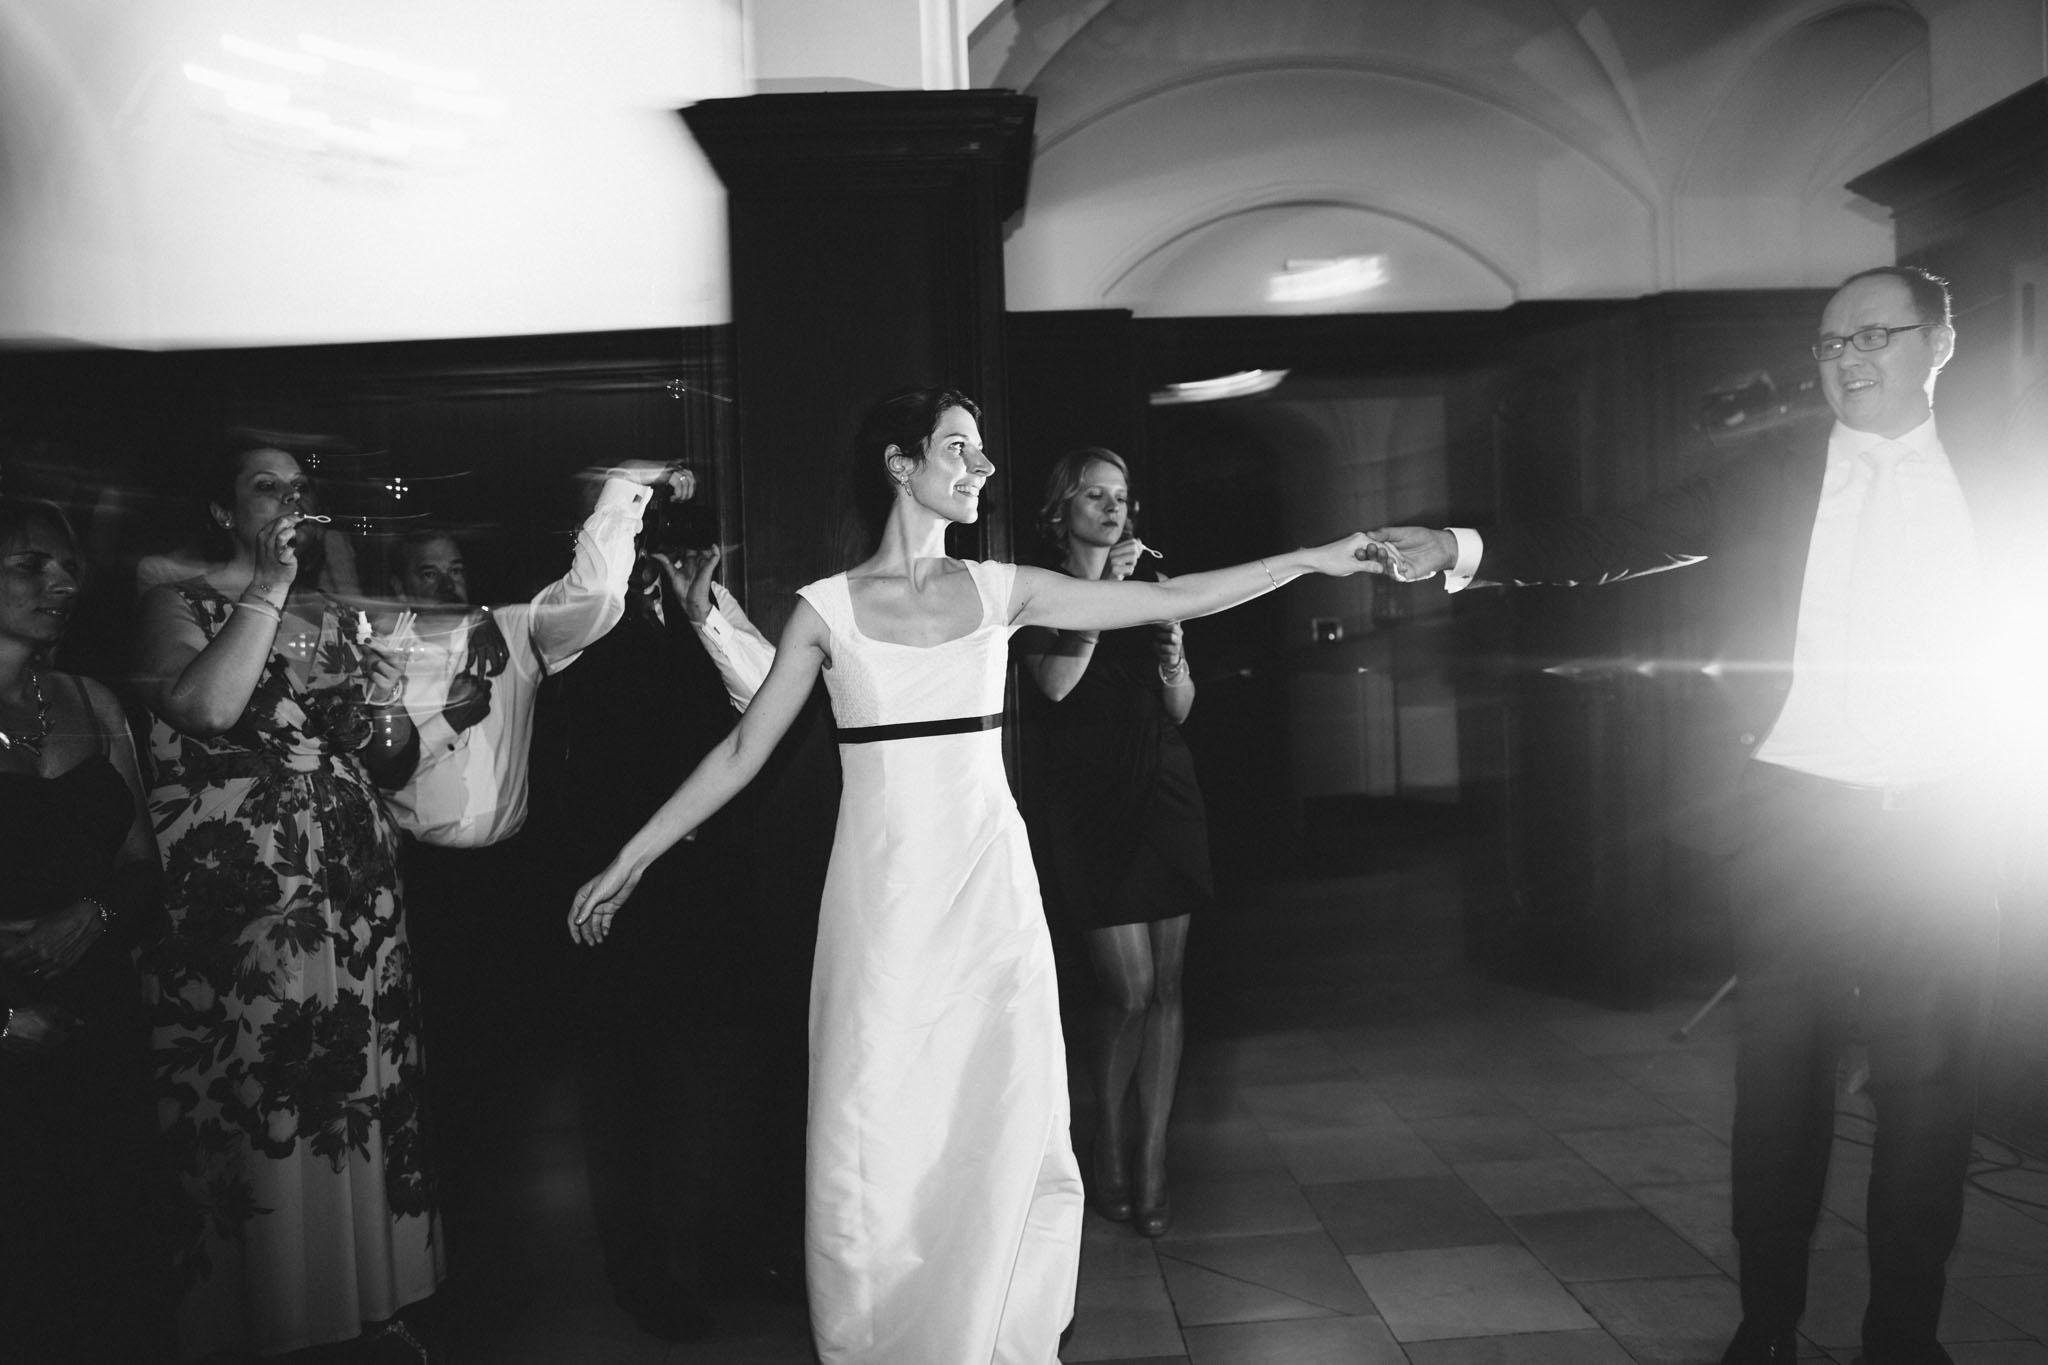 hochzeit-tanz-eröffnung-fotograf-reportage-schwarzweiss